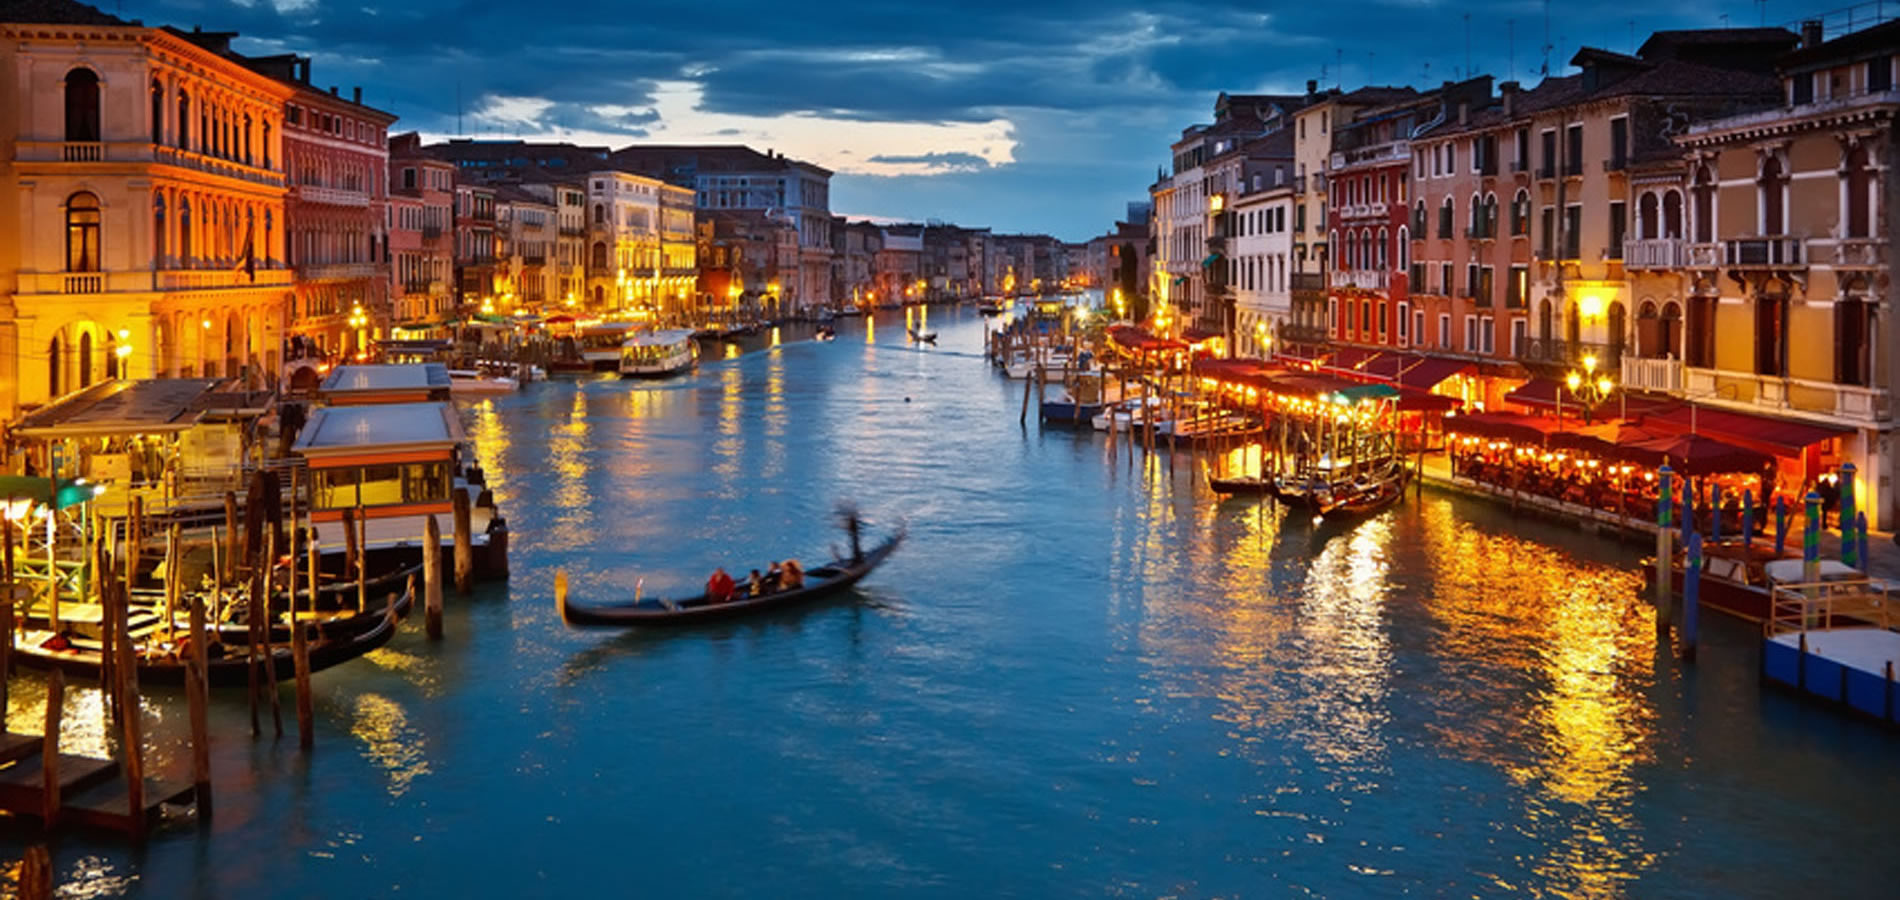 Uno stupendo scatto del Canal Grande di Venezia al tramonto